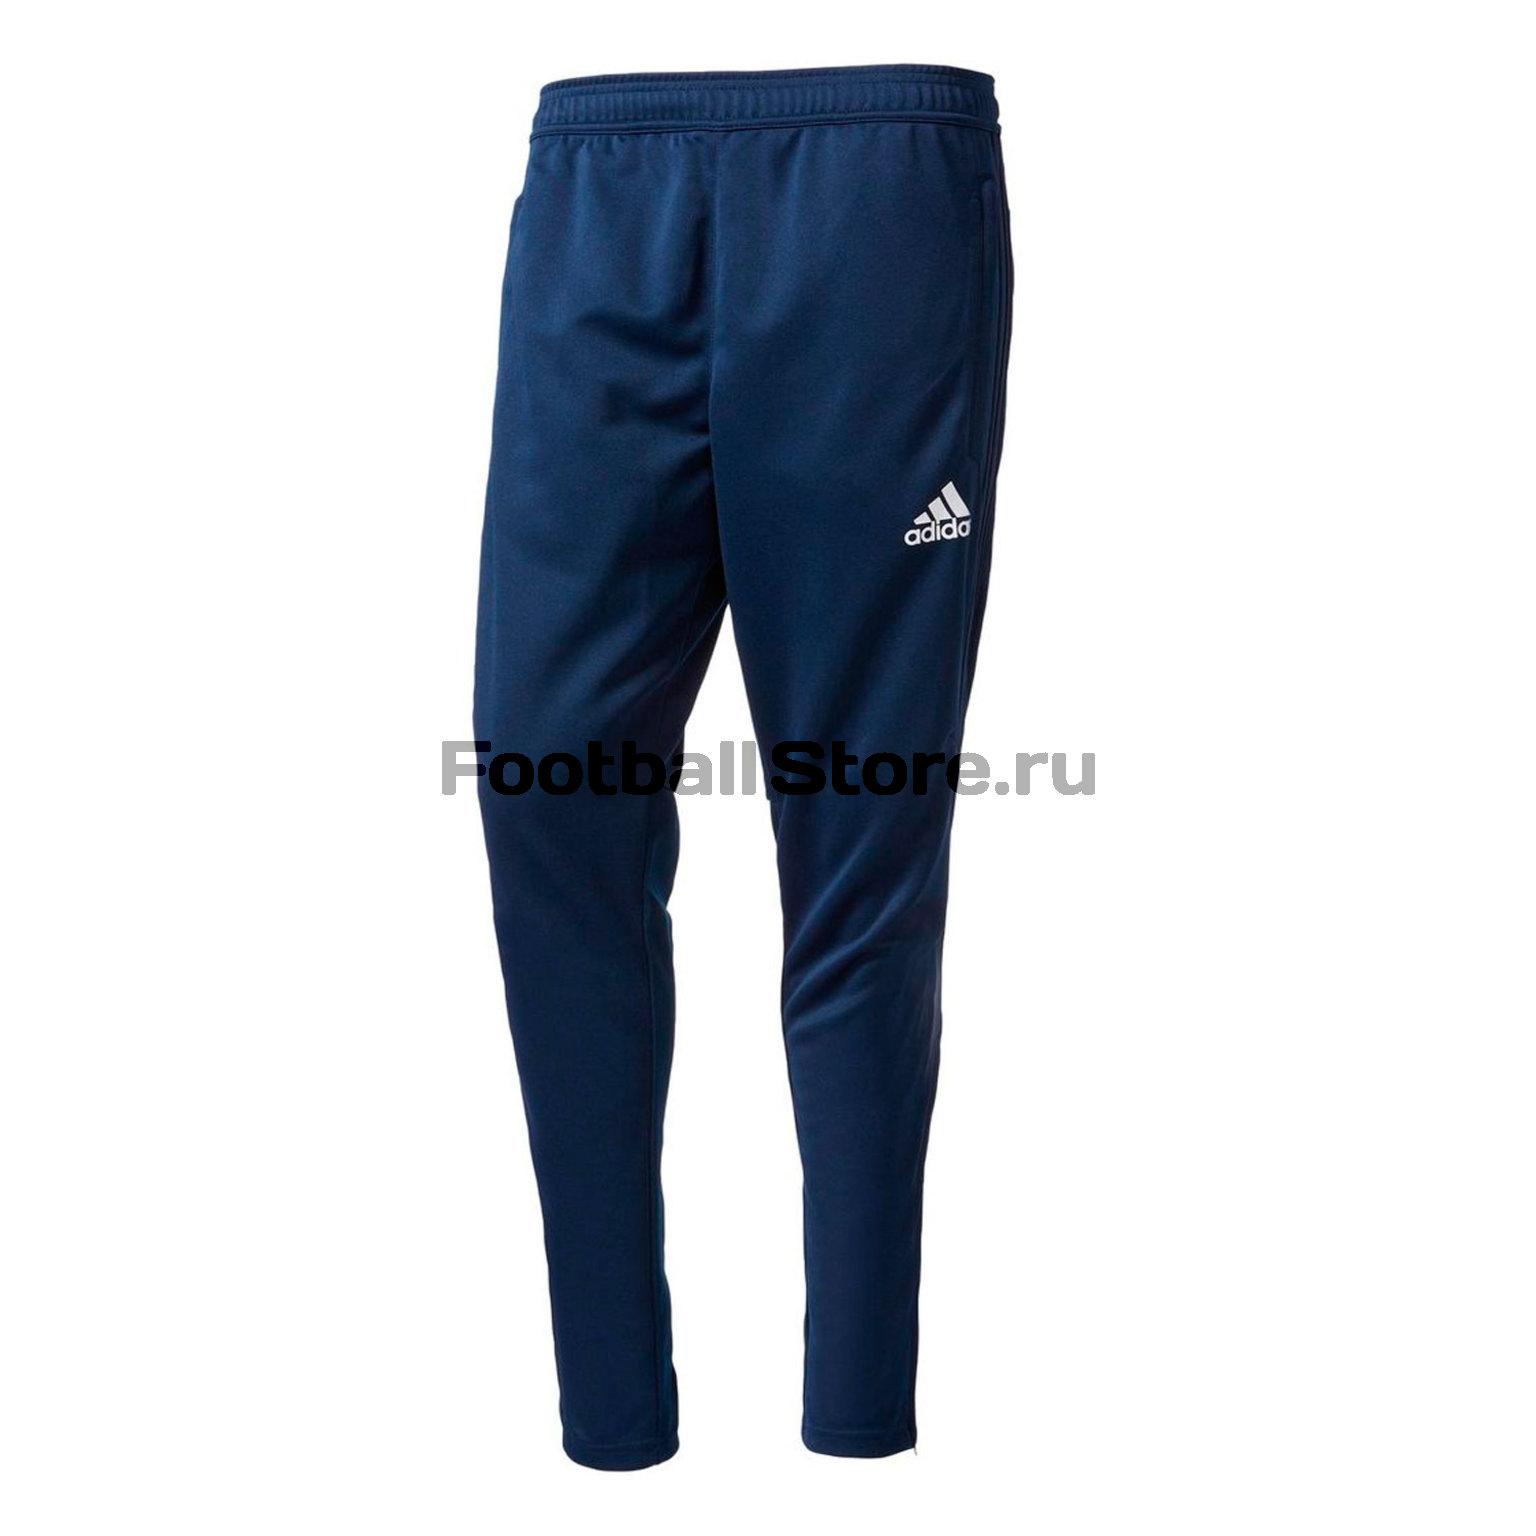 Брюки тренировочные Adidas Tiro17 Pes Pnt BQ2619 брюки adidas брюки тренировочные adidas tiro17 wov pnt bq2793